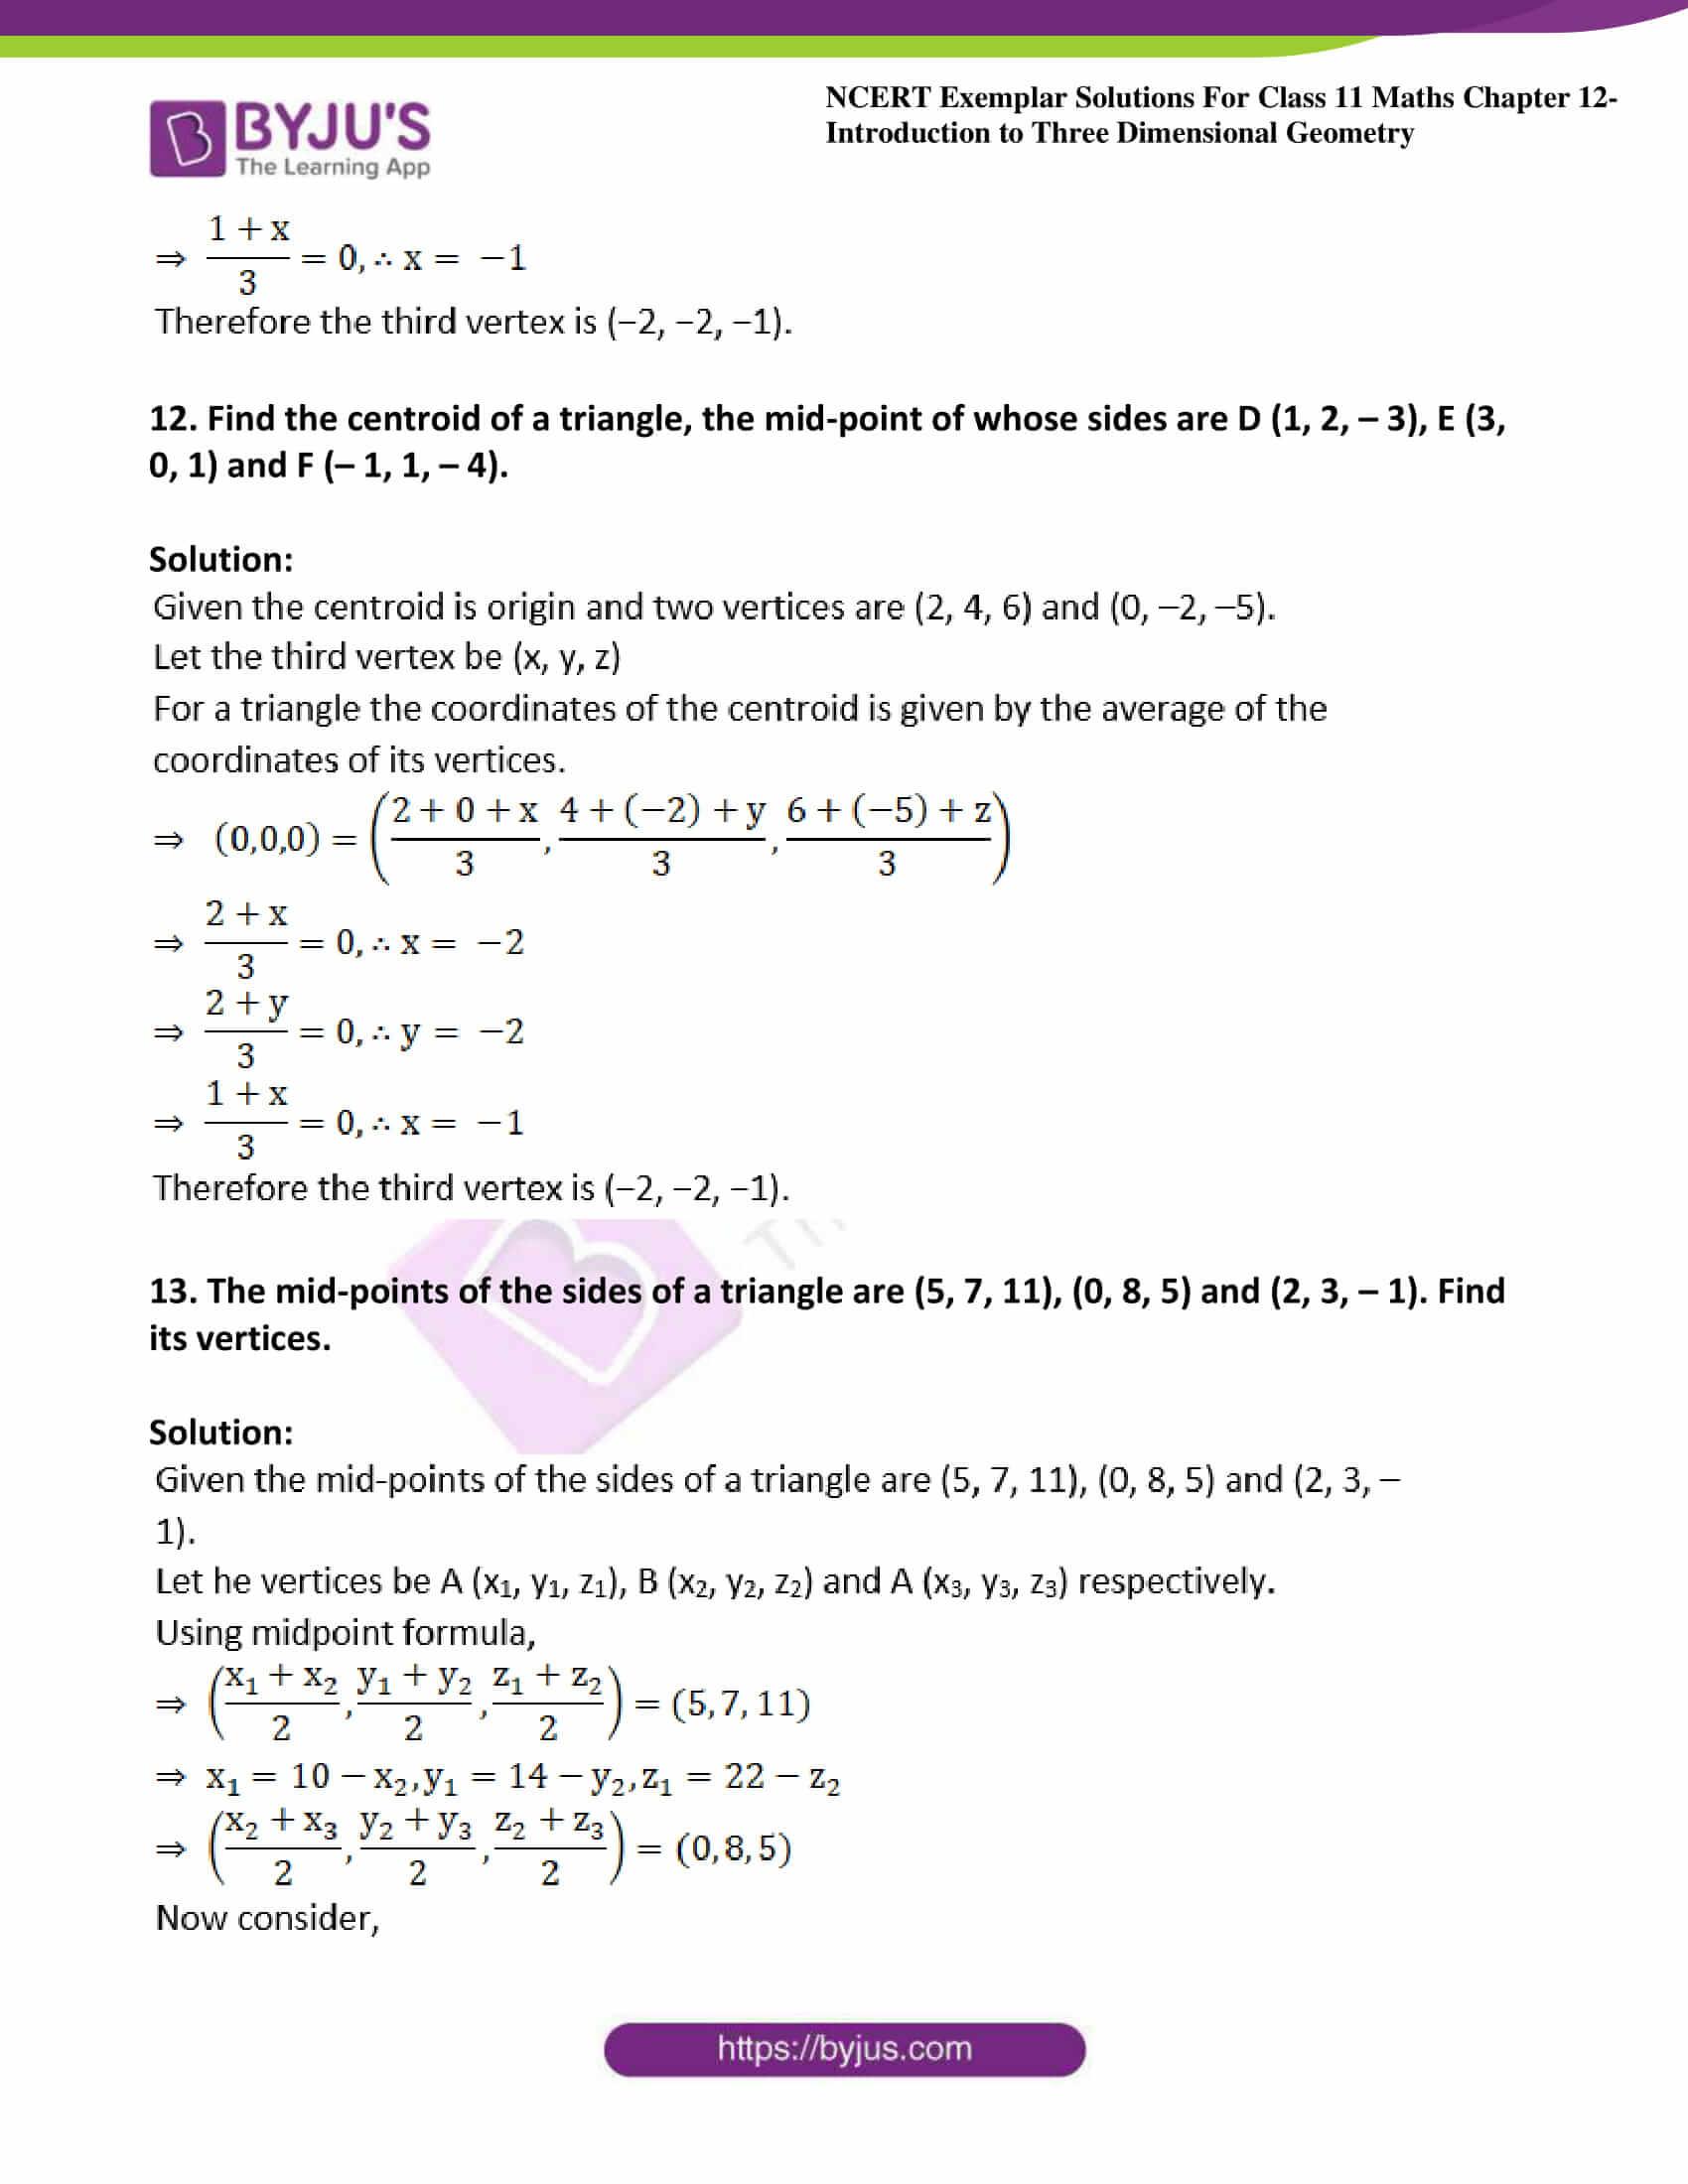 ncert exemplar sol class 11 maths chpt 12 three dimensional 06